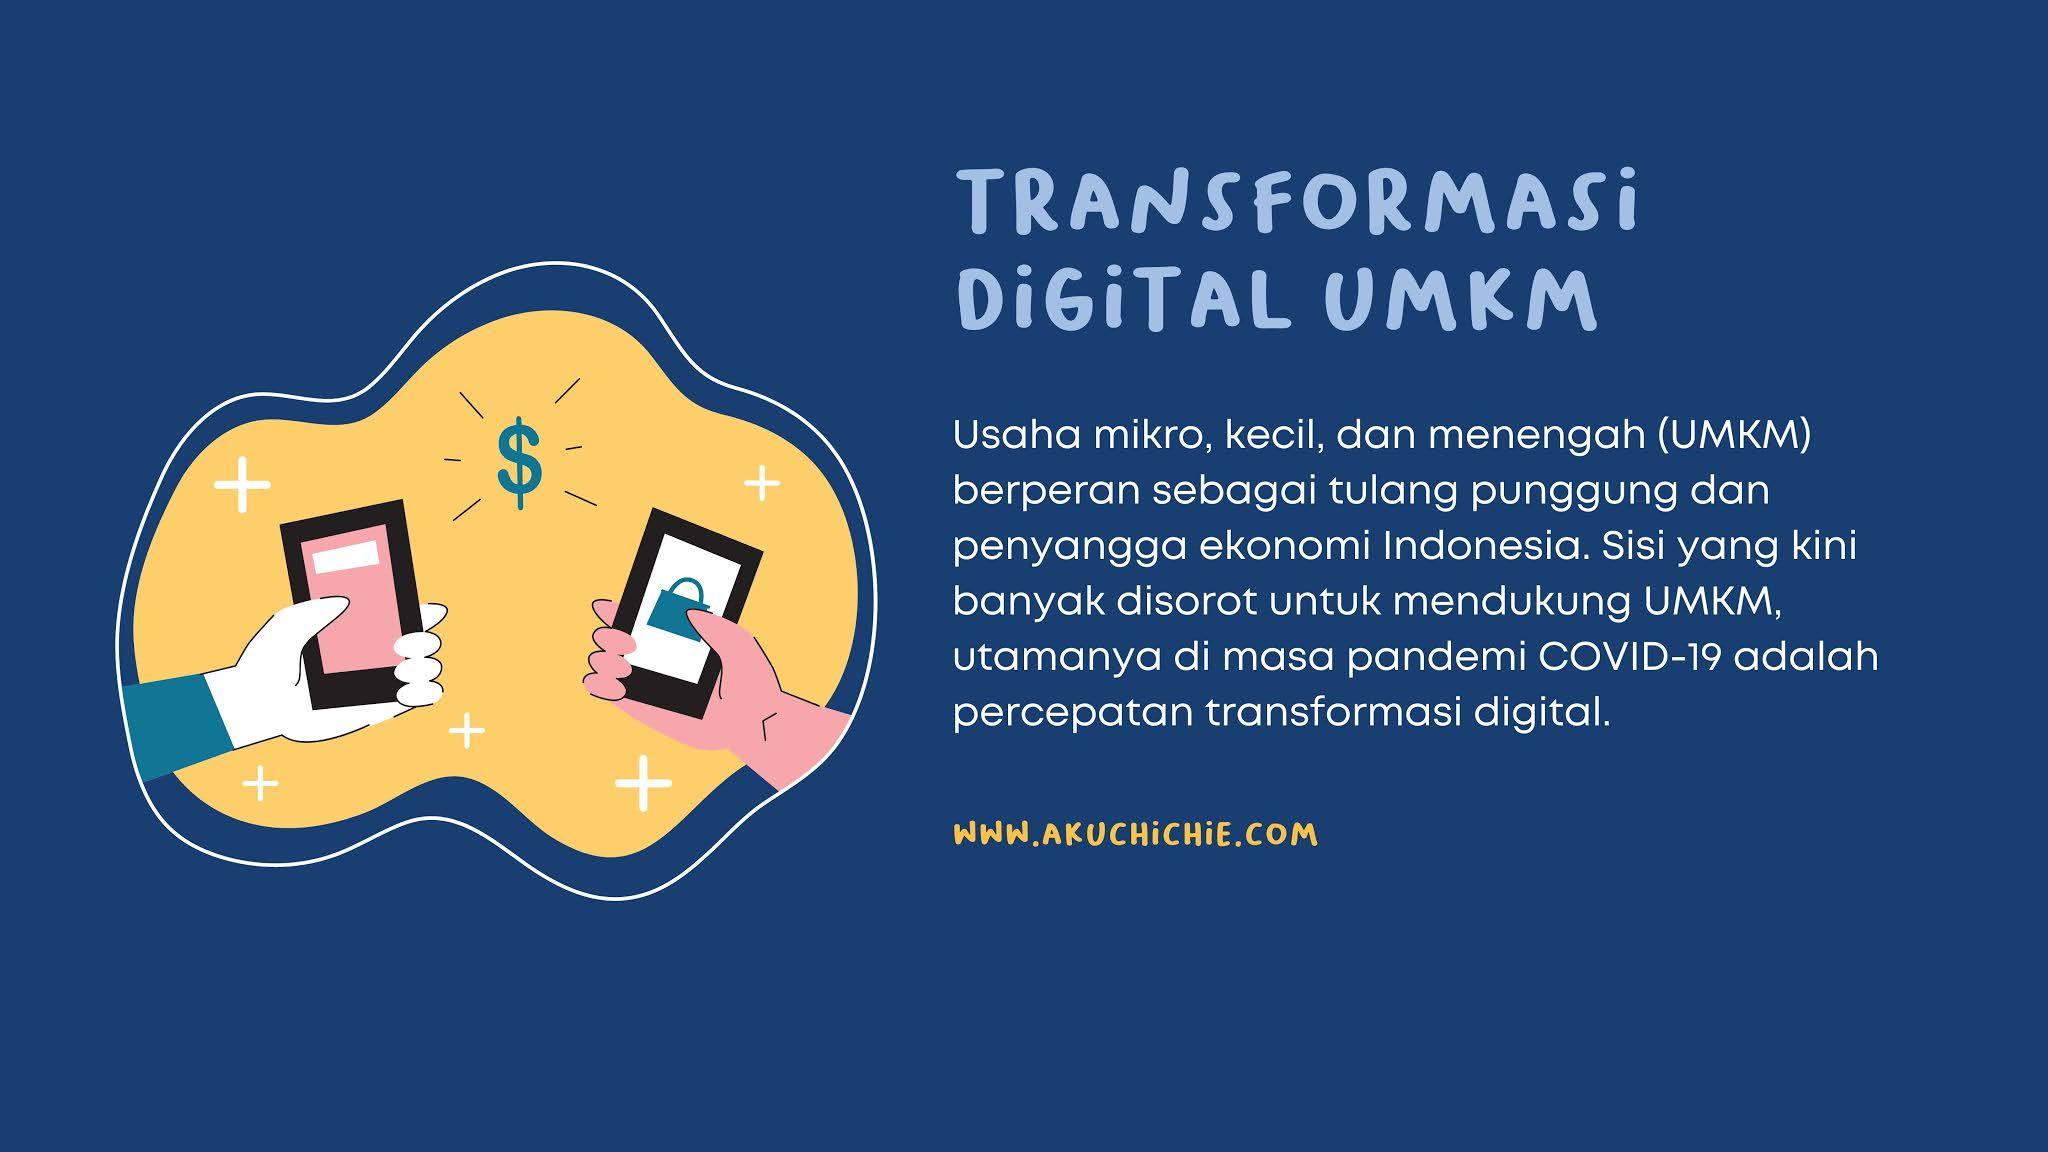 peranan digital bagi umkm